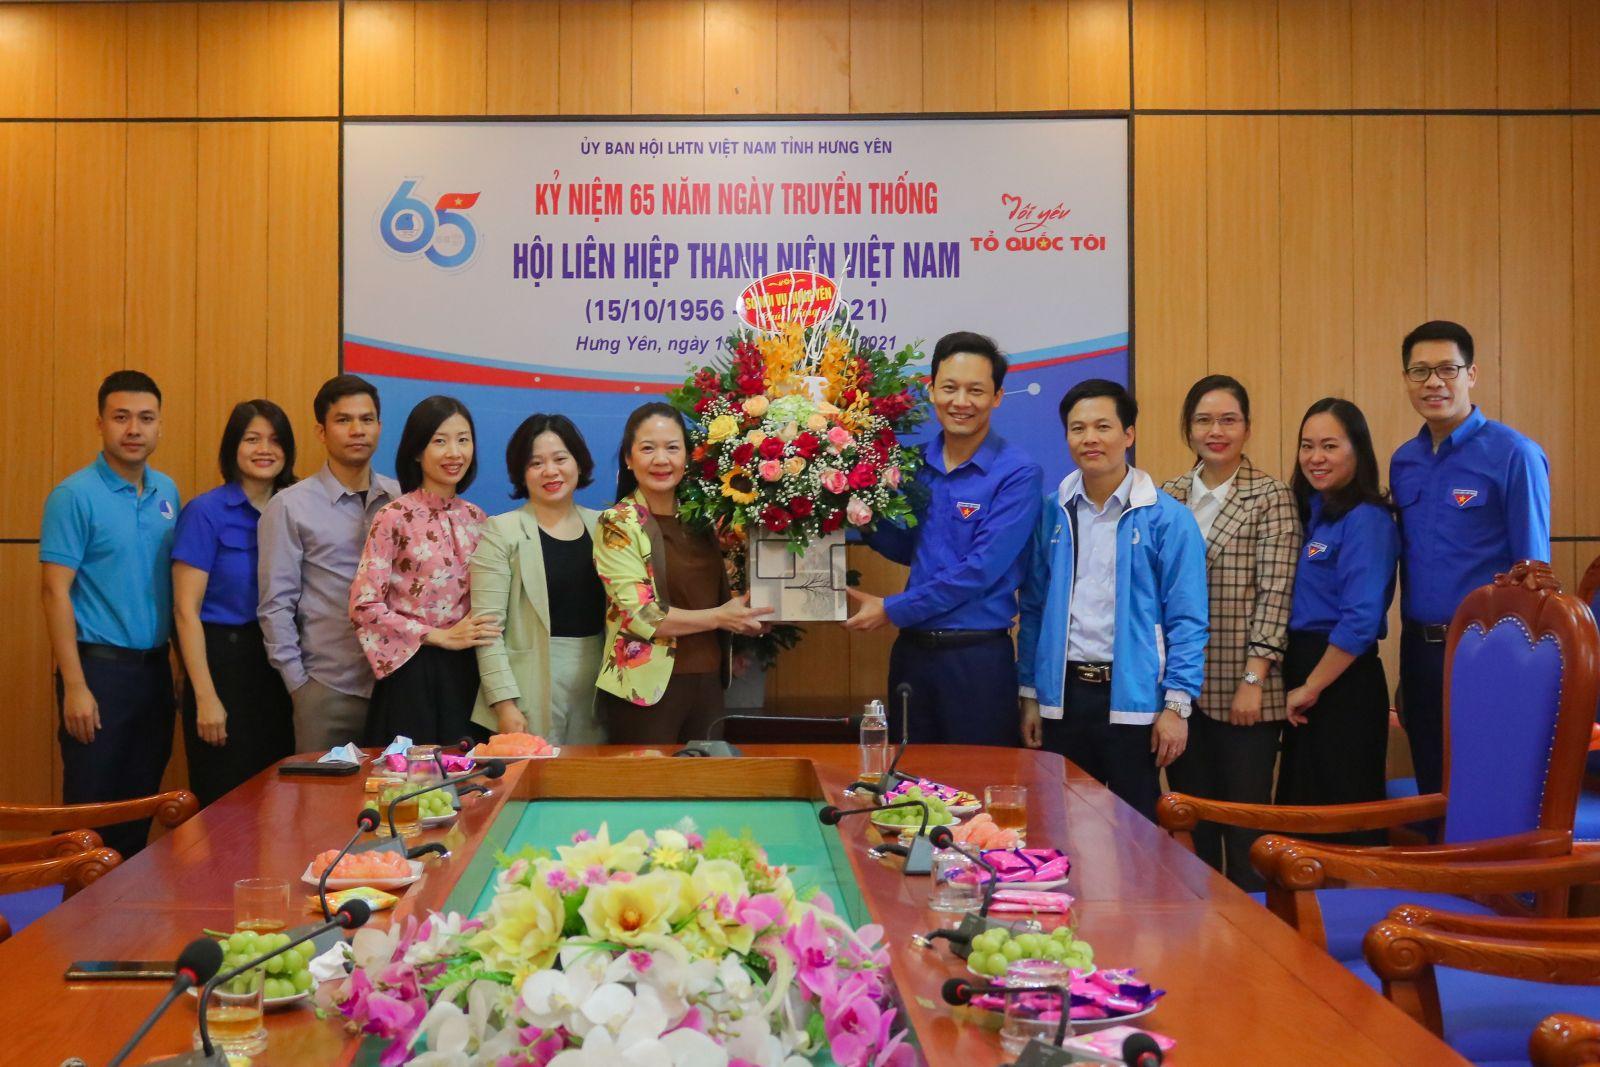 Hội Liên hiệp thanh niên Việt Nam tỉnh kỷ niệm 65 năm  Ngày truyền thống Hội LHTN Việt Nam